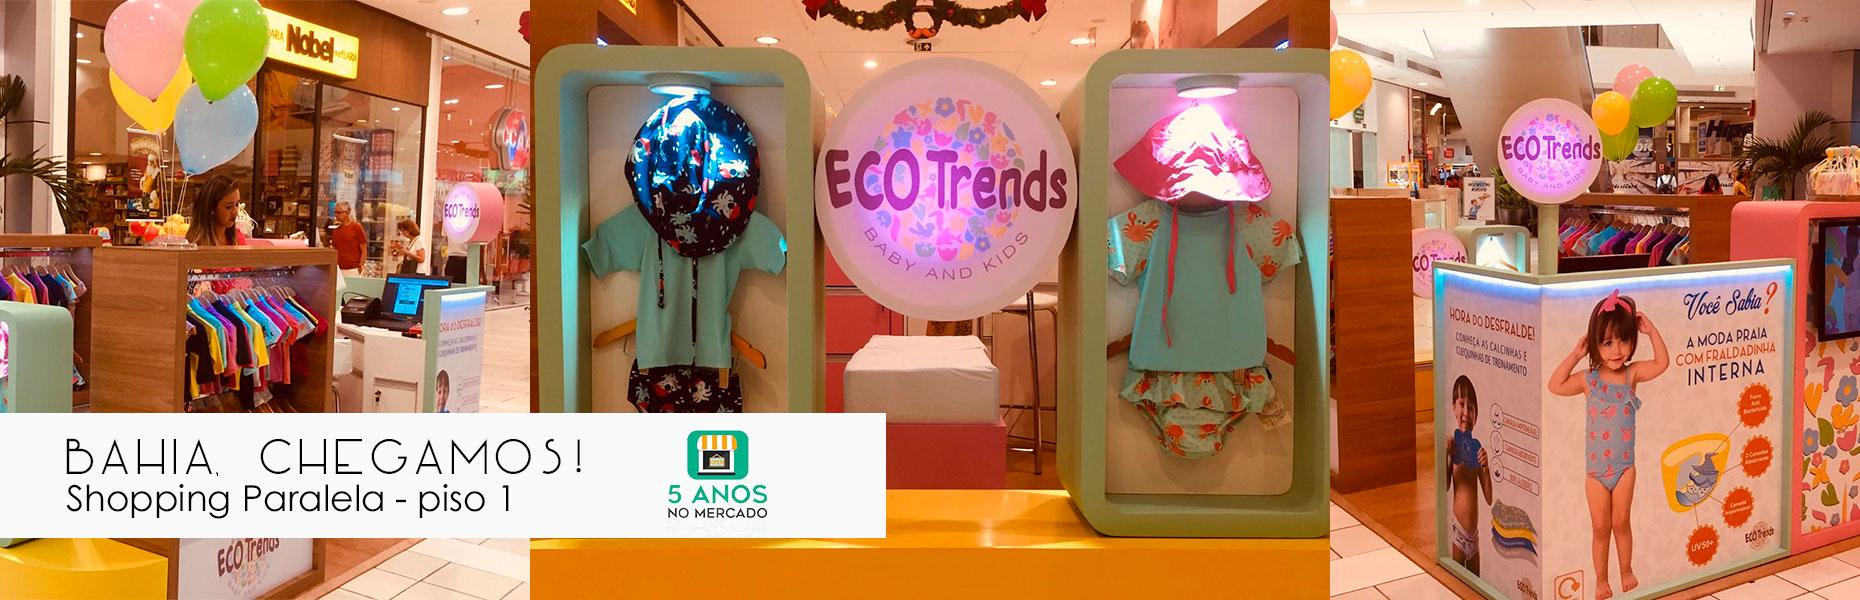 Quiosque Ecotrends